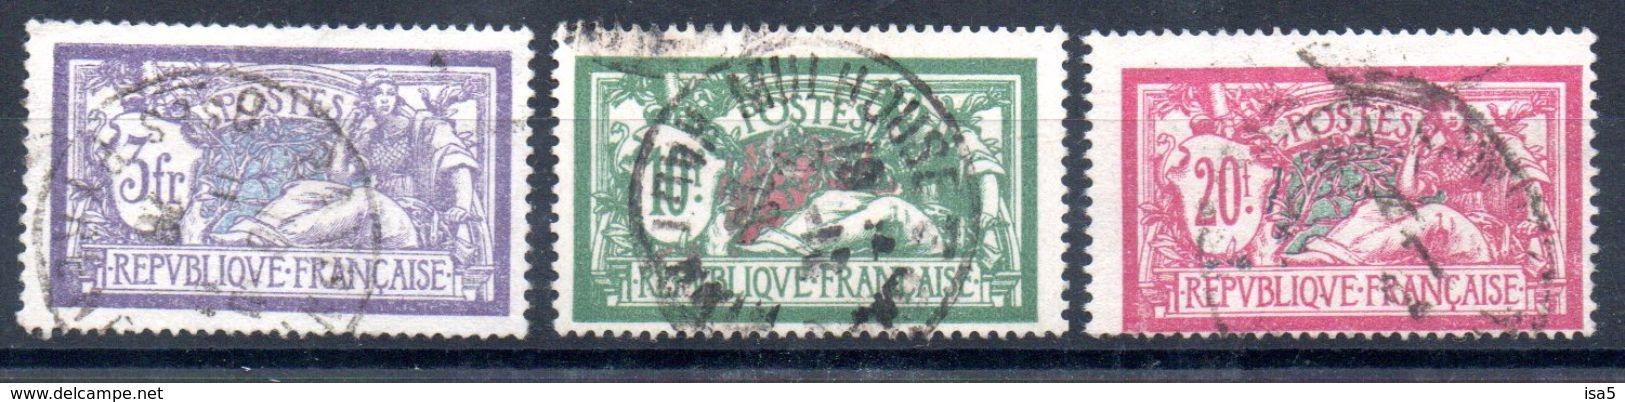 FRANCE - YT N° 206 à 208 - Cote: 65,00 €  - (DF) - Oblitérés